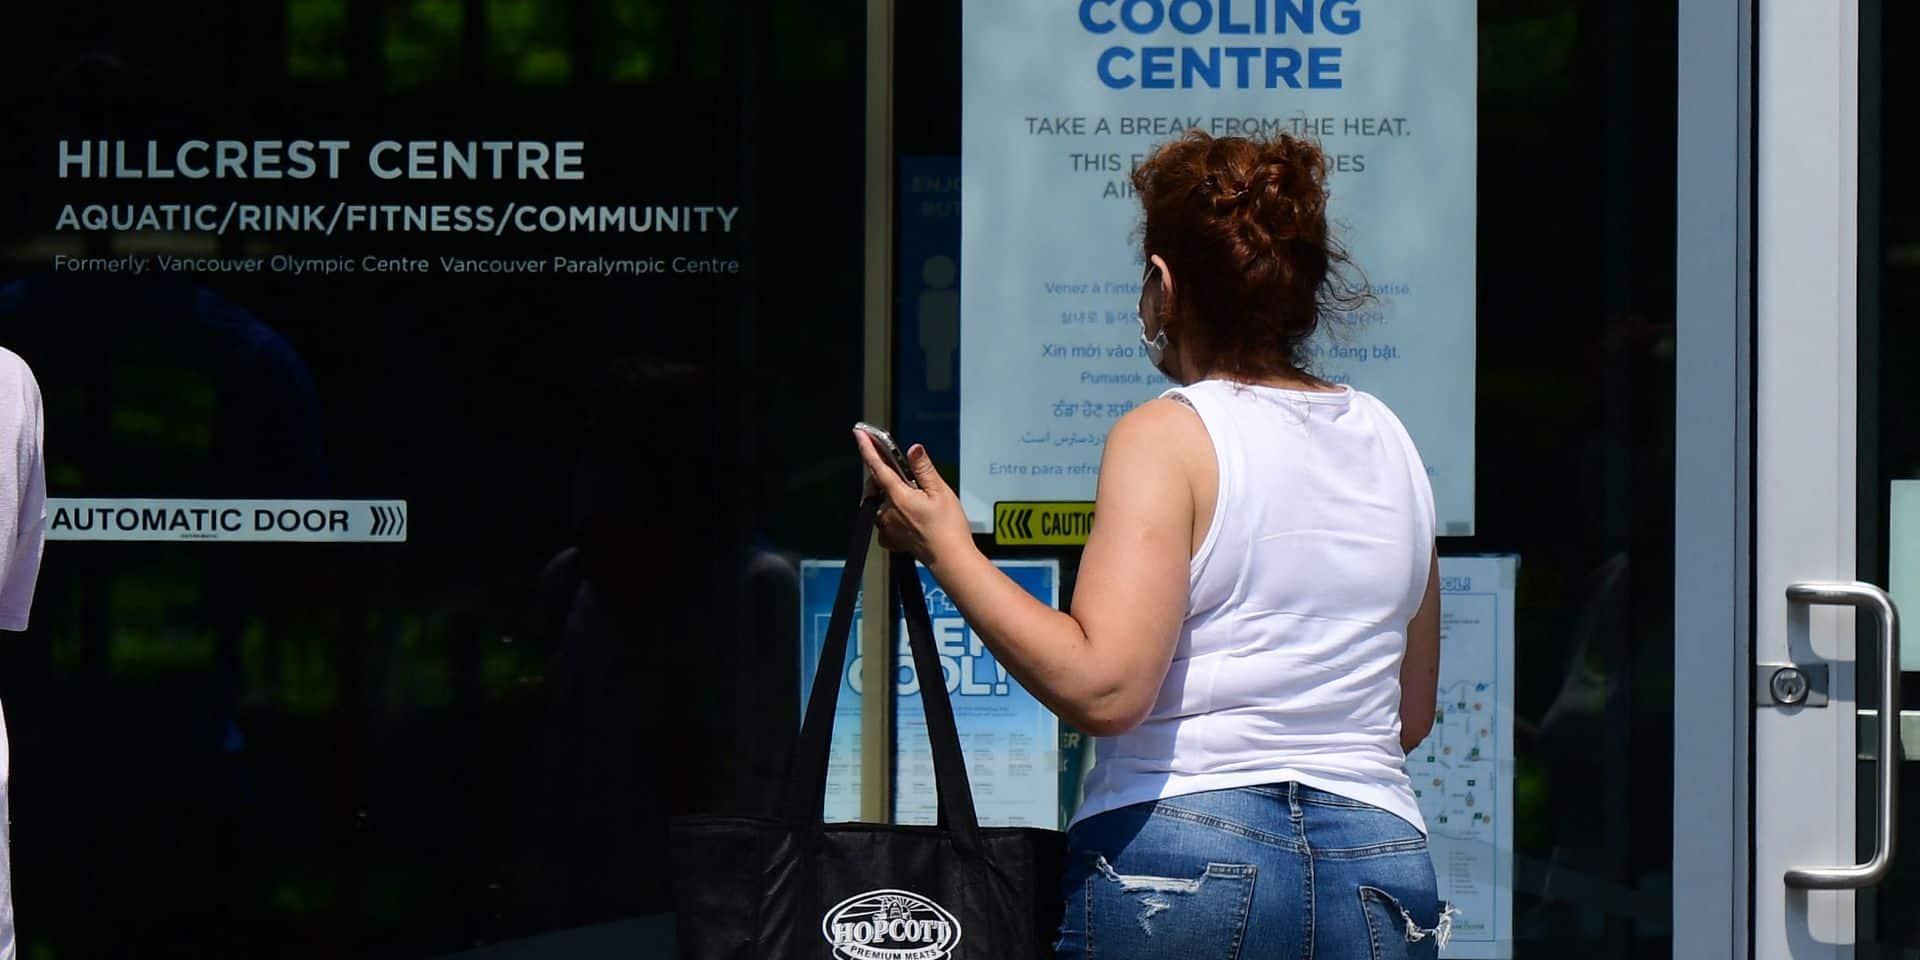 La canicule continue à Vancouver: étouffant sous la chaleur, les habitants se ruent vers des centres climatisés